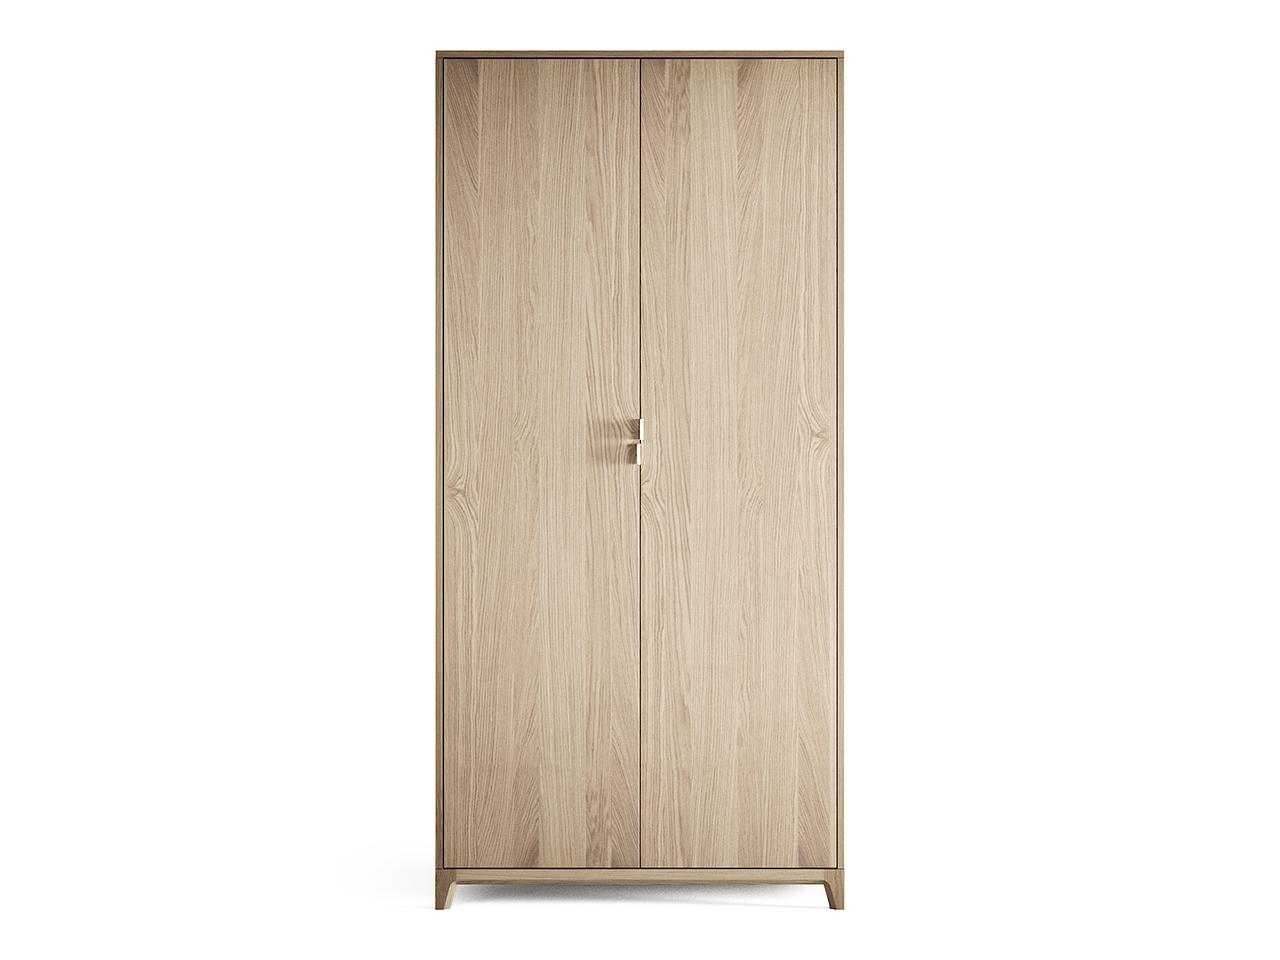 Шкаф Case №3 (осветленный)Платяные шкафы<br>Компактный шкаф CASE №3 сочетает в себе продуманную структуру и современный дизайн впишется даже в самое небольшое уютное помещение. Внутри комфортно расположены полки и штанги длявешалок, сплошная перфорация позволяет устанавливать полки в удобном положении.Материал: массив дуба, МДФ, ДСП, эмаль, лак<br><br>kit: None<br>gender: None